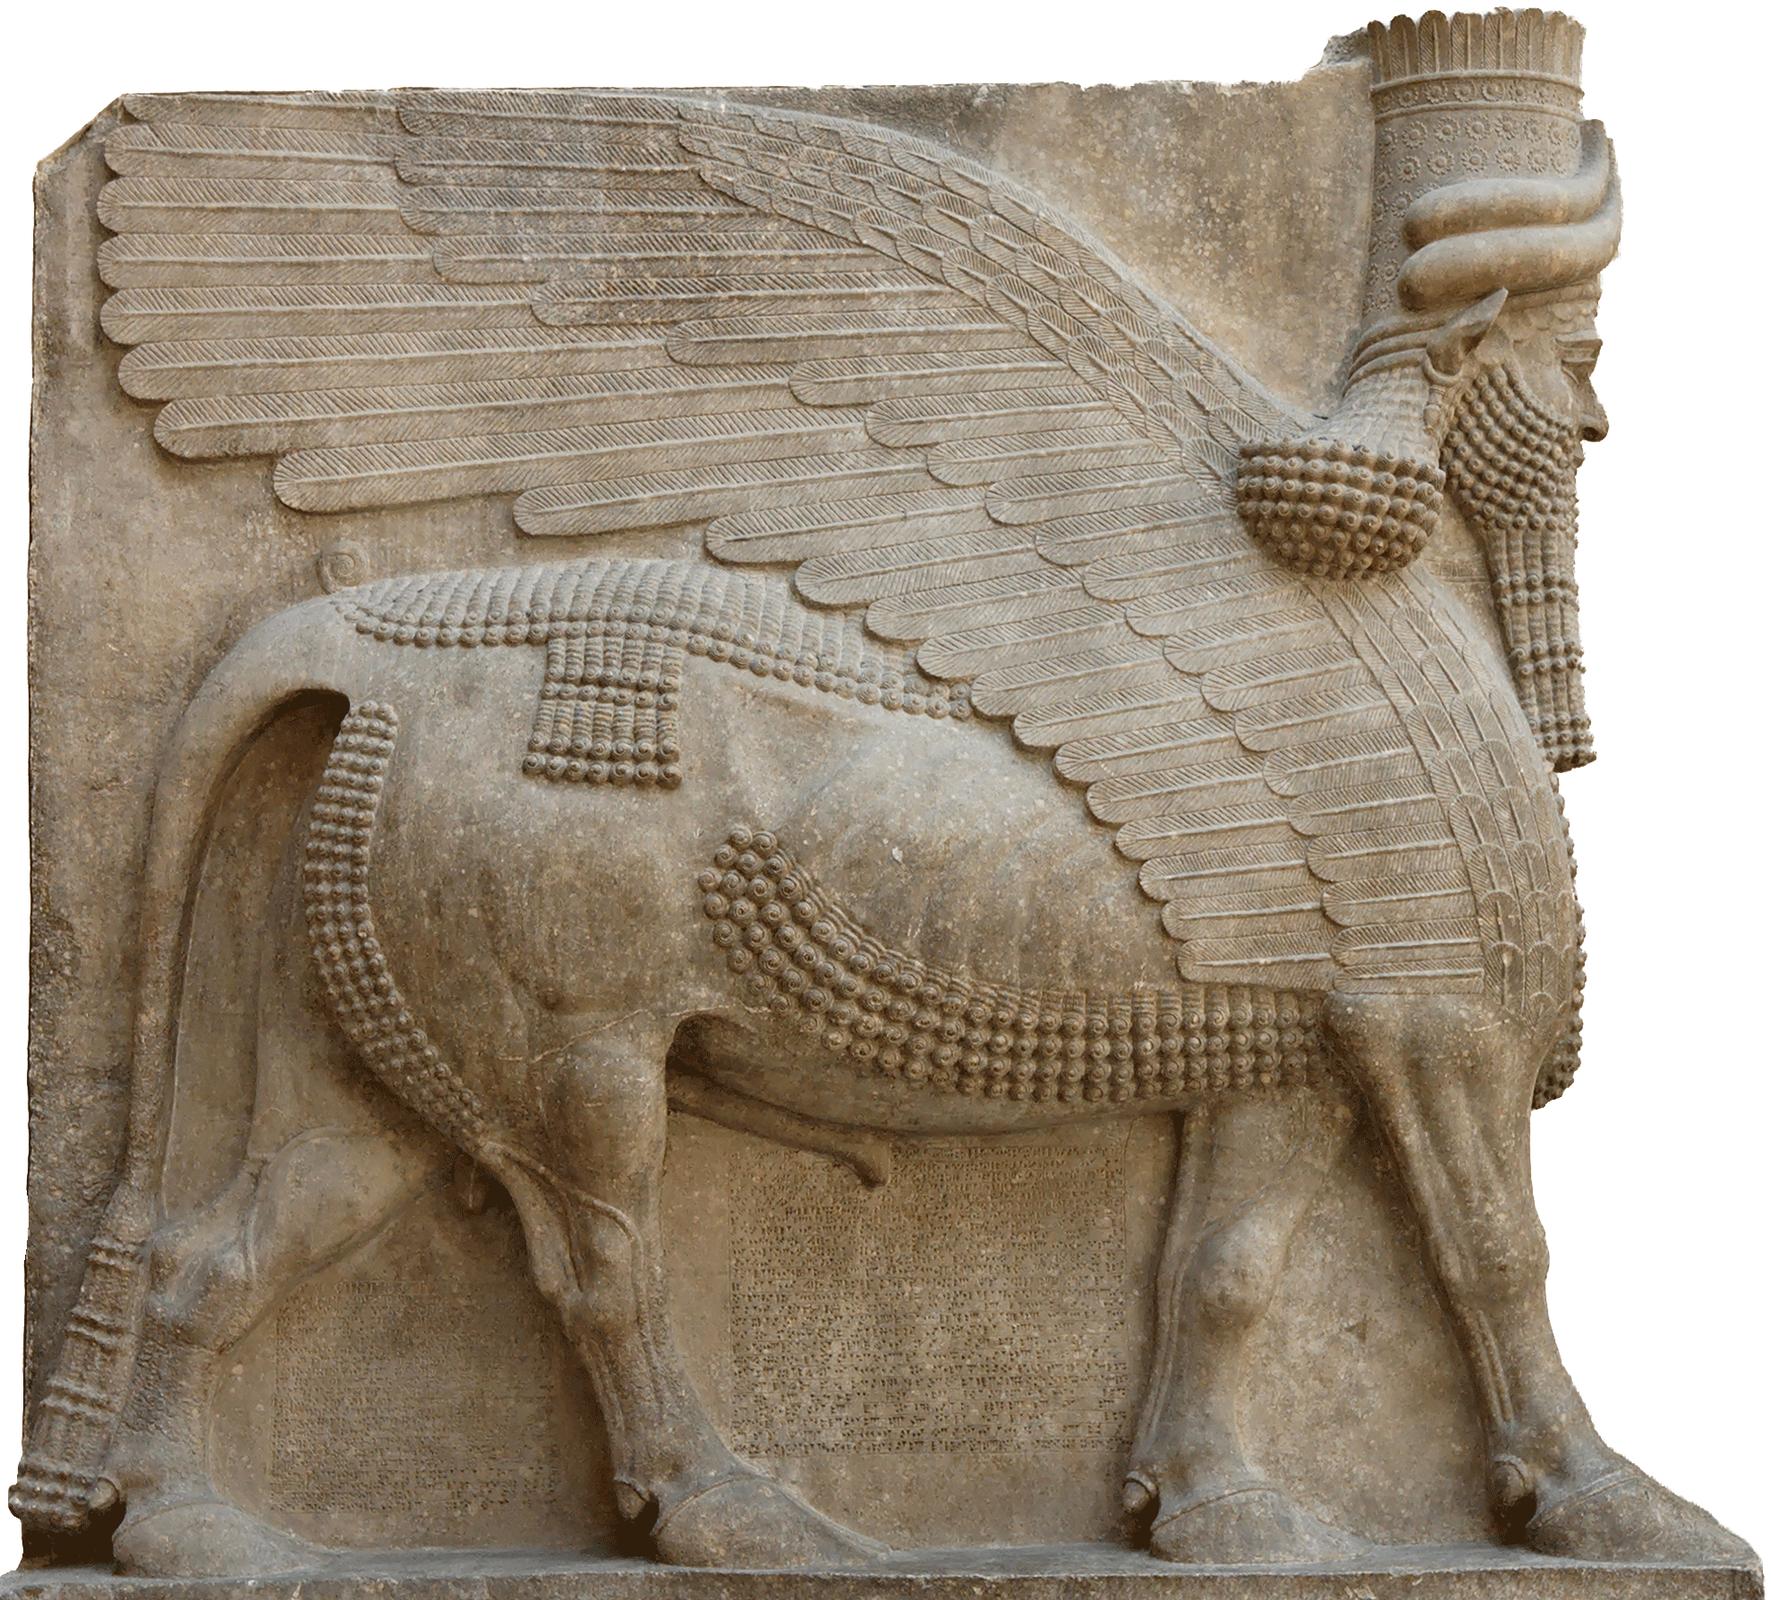 Postać uskrzydlonego byka. Takie rzeźby stawiano wasyryjskich pałacach. Płaskorzeźba znajduje się obecnie wLuwrze wParyżu. Postać uskrzydlonego byka. Takie rzeźby stawiano wasyryjskich pałacach. Płaskorzeźba znajduje się obecnie wLuwrze wParyżu. Źródło: domena publiczna.